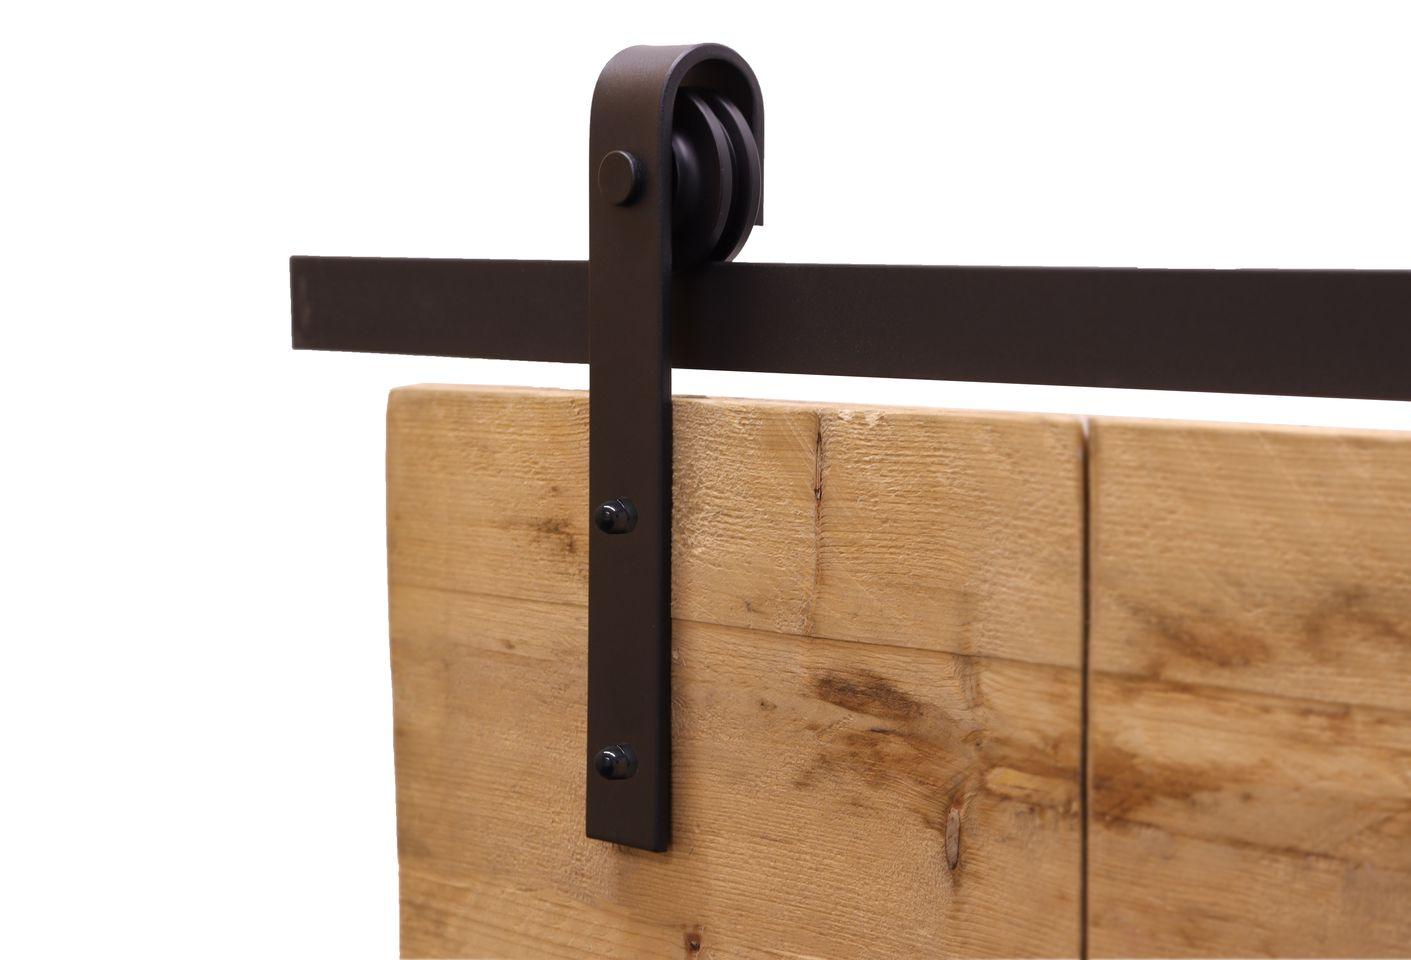 Zwart Schuifdeursysteem met Rails - Recht Model Compleet 200 cm - Per Set